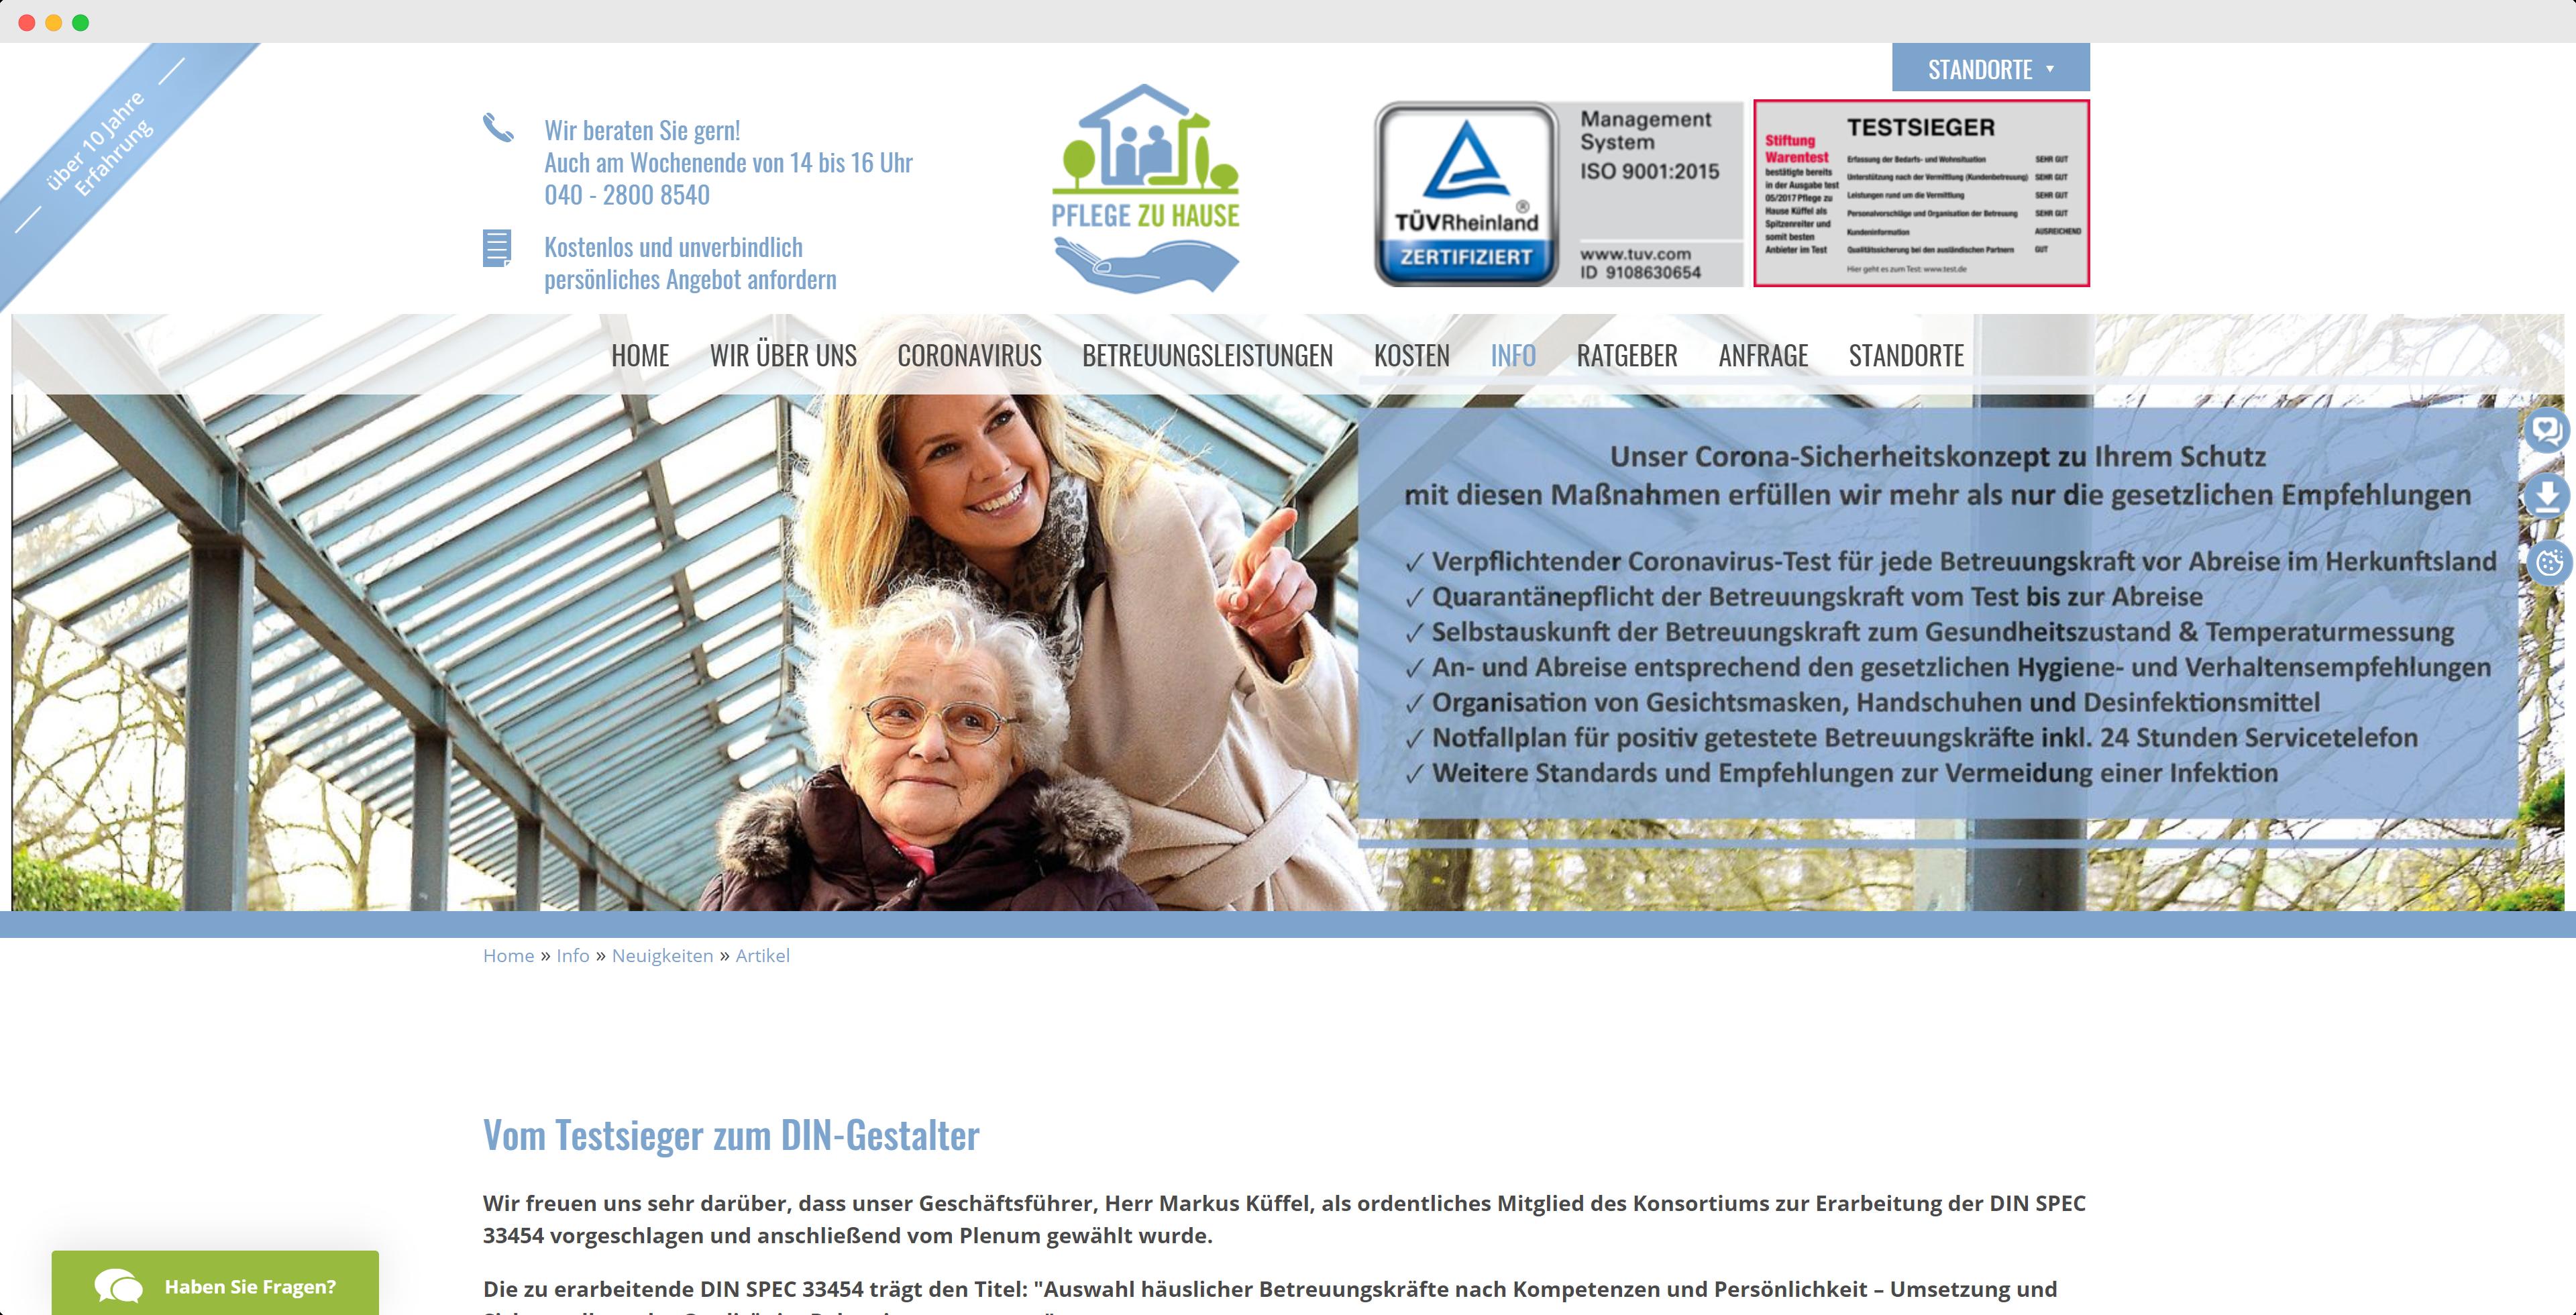 pflegezuhause.info berichtet über Ziele der DIN SPEC